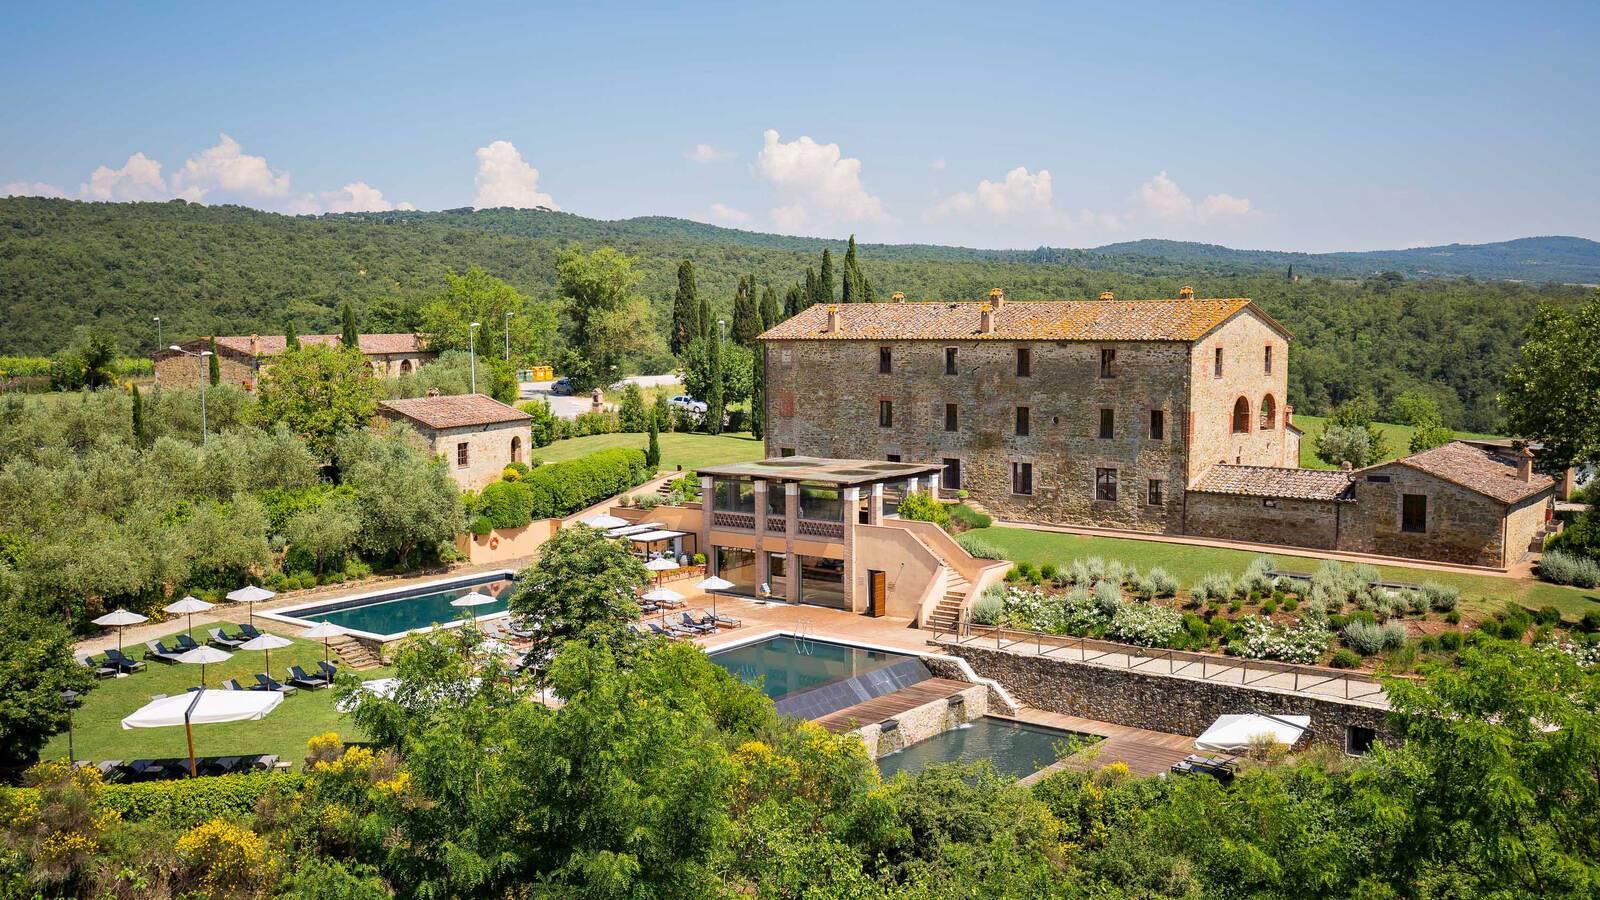 Castel Monastero Piscine Vue Toscane Italie Antinori